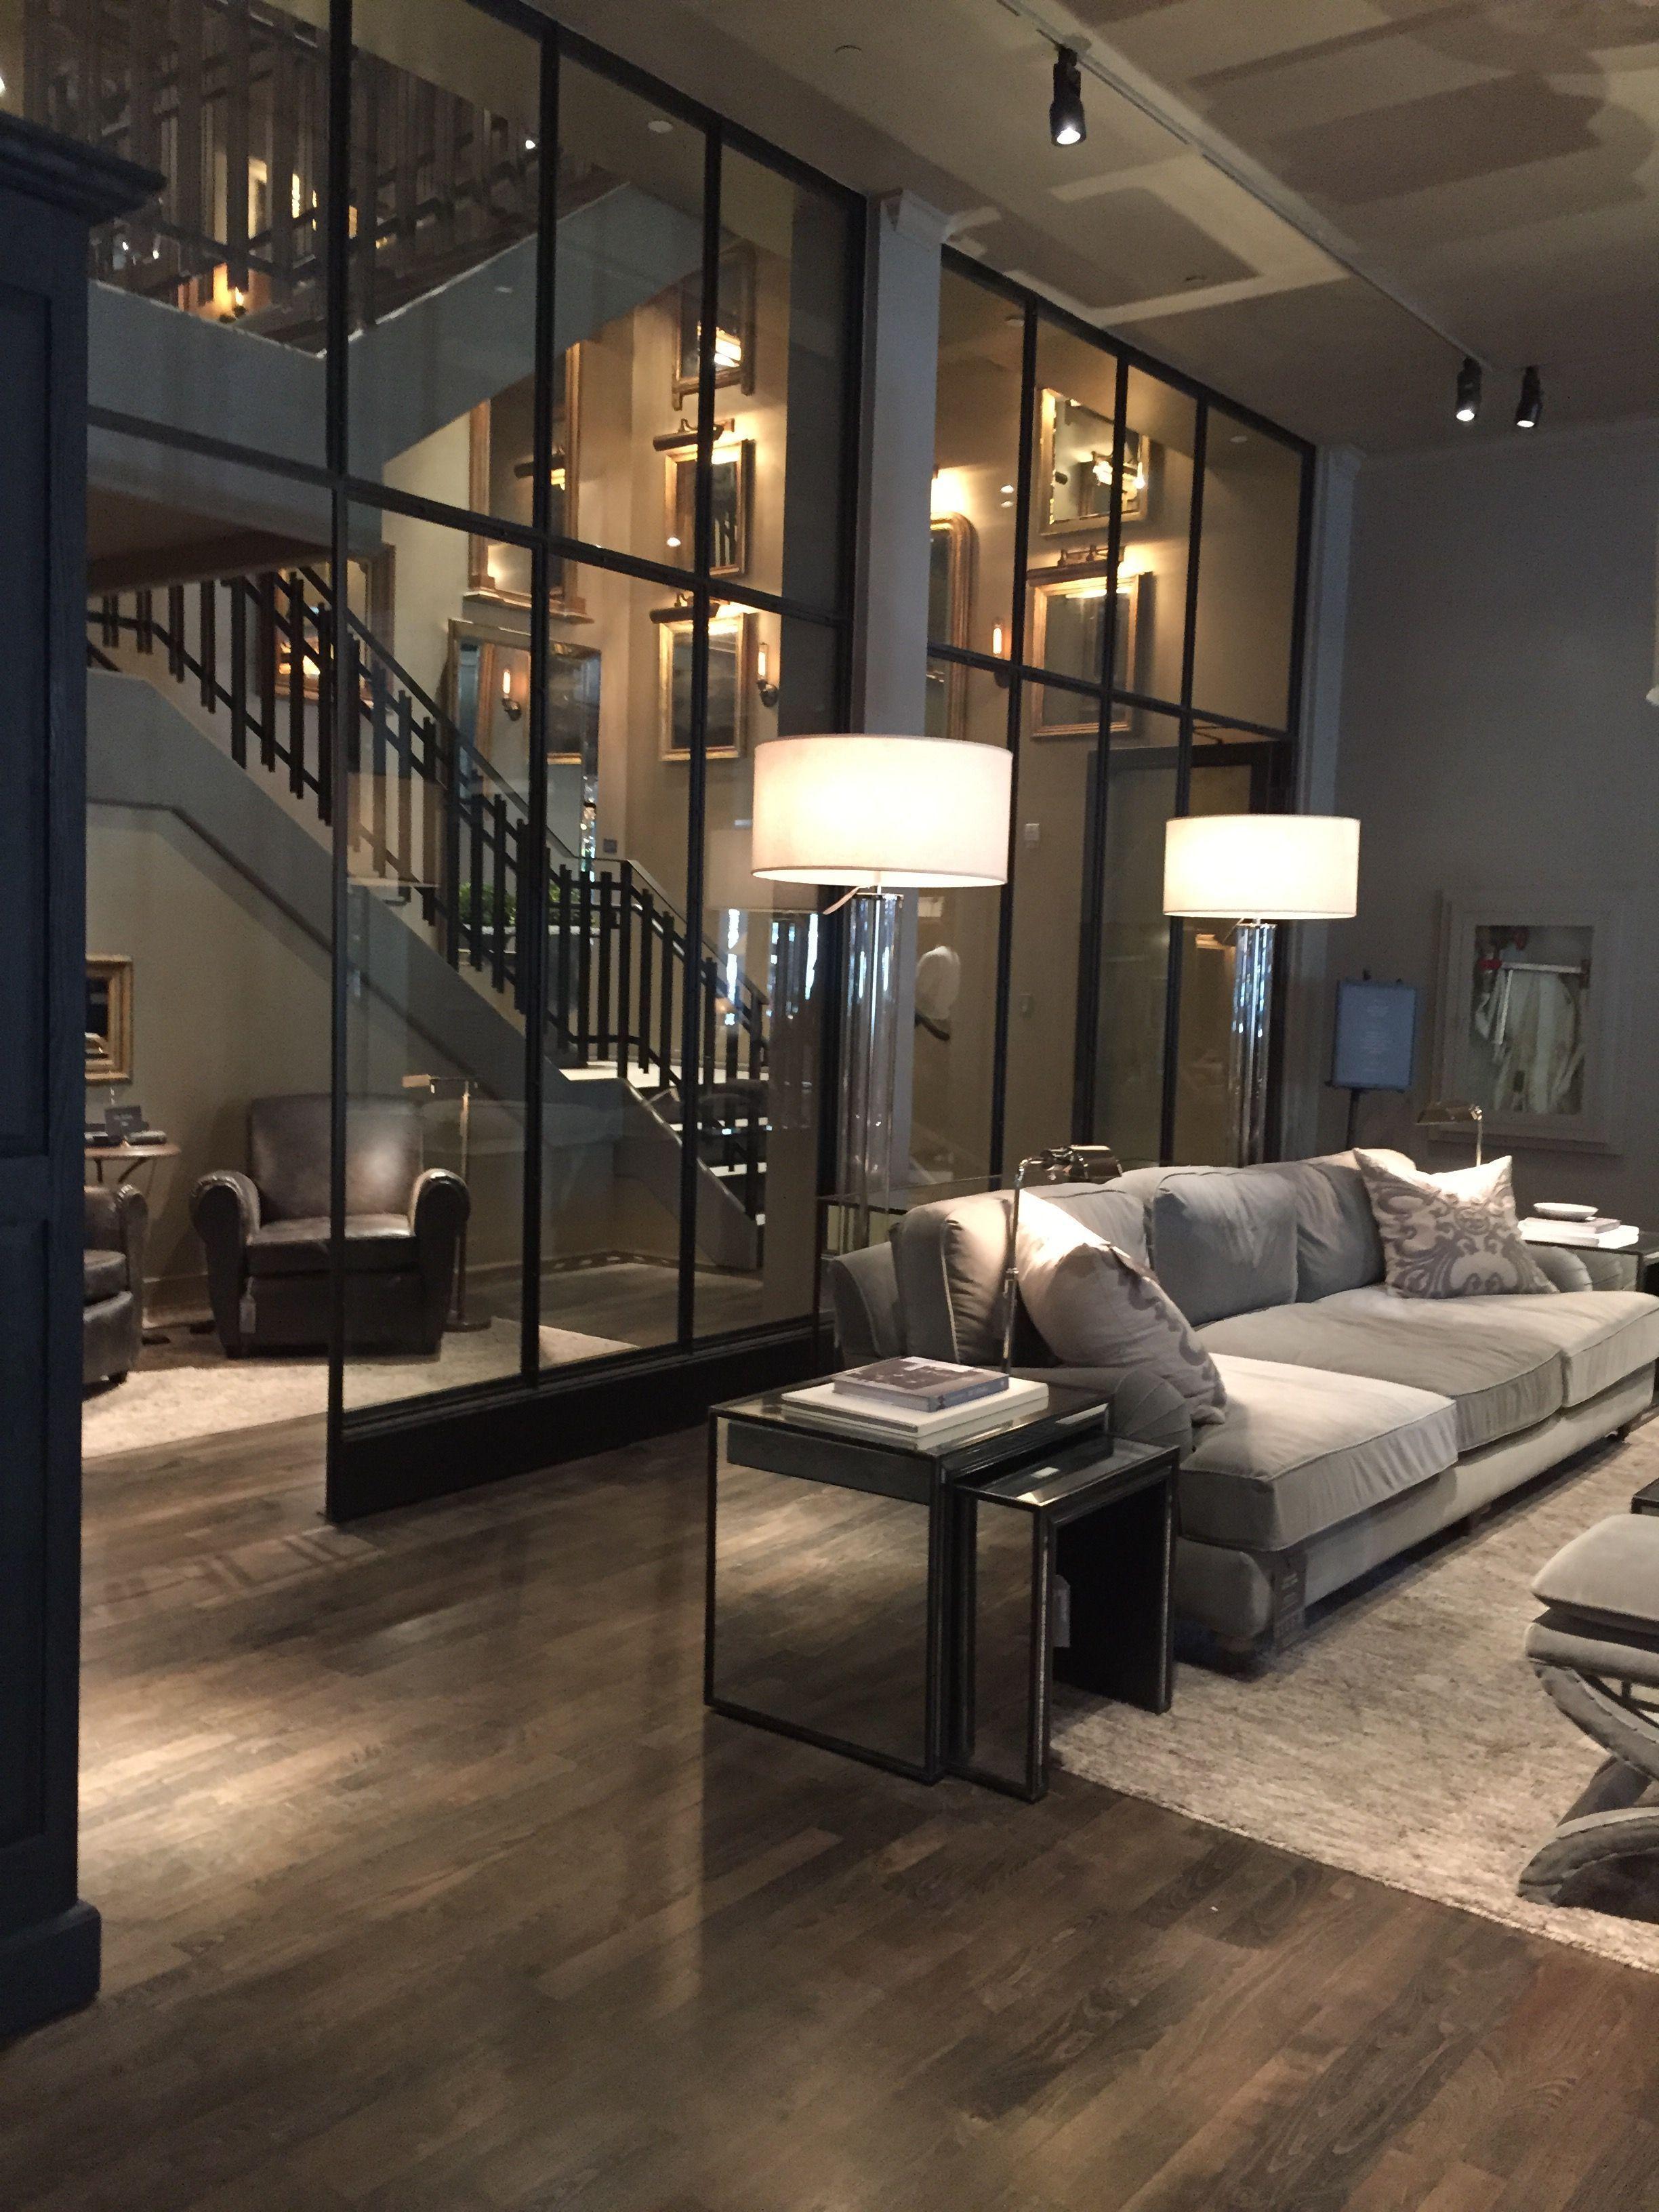 41 Amazing Contemporary Interior Design 2019 In 2020